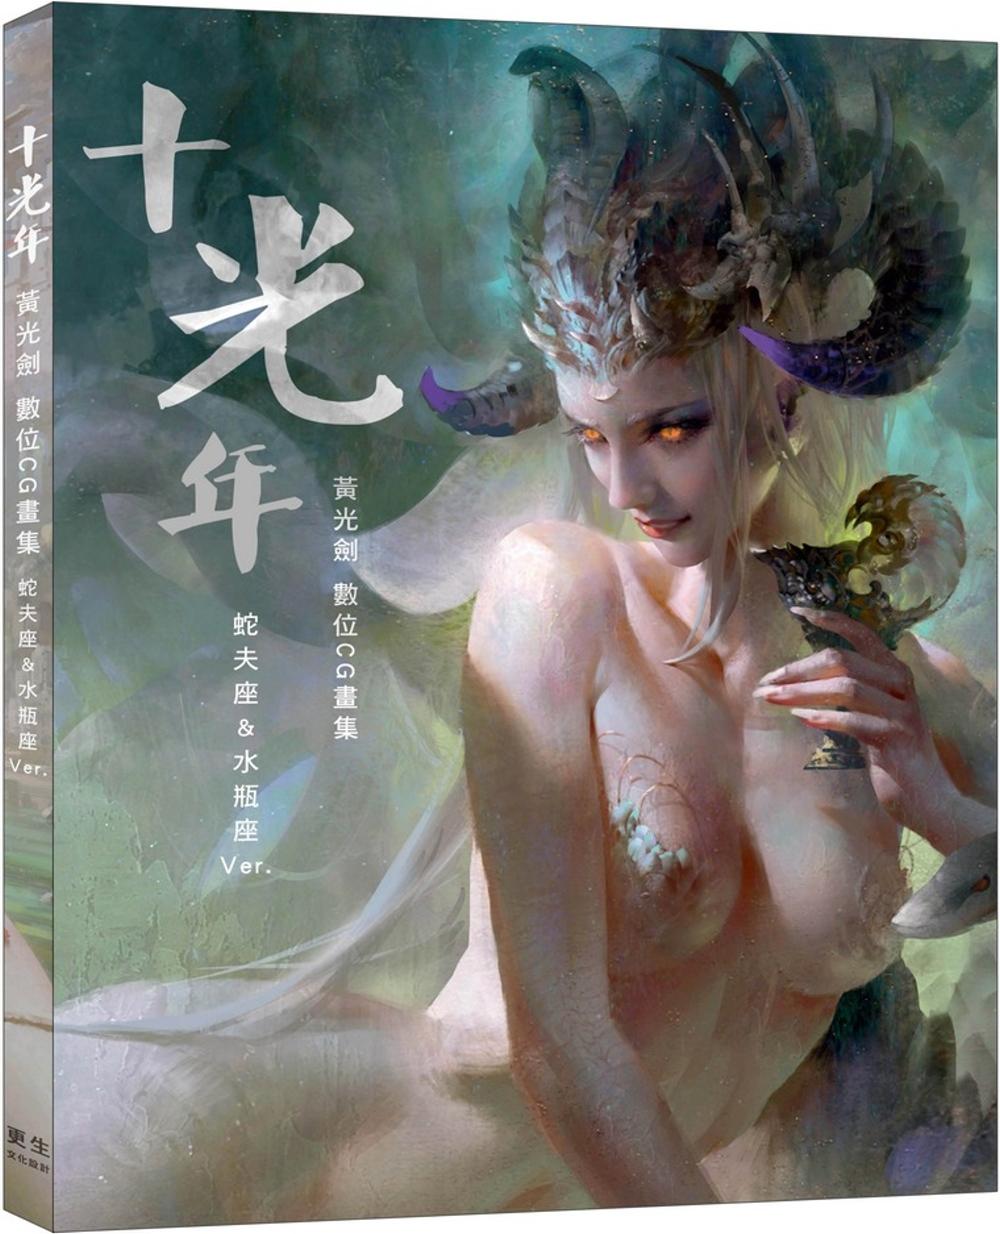 十光年 黃光劍數位CG畫集(星光珍藏版):附贈:蛇夫座&水瓶座Ver. 特製書衣